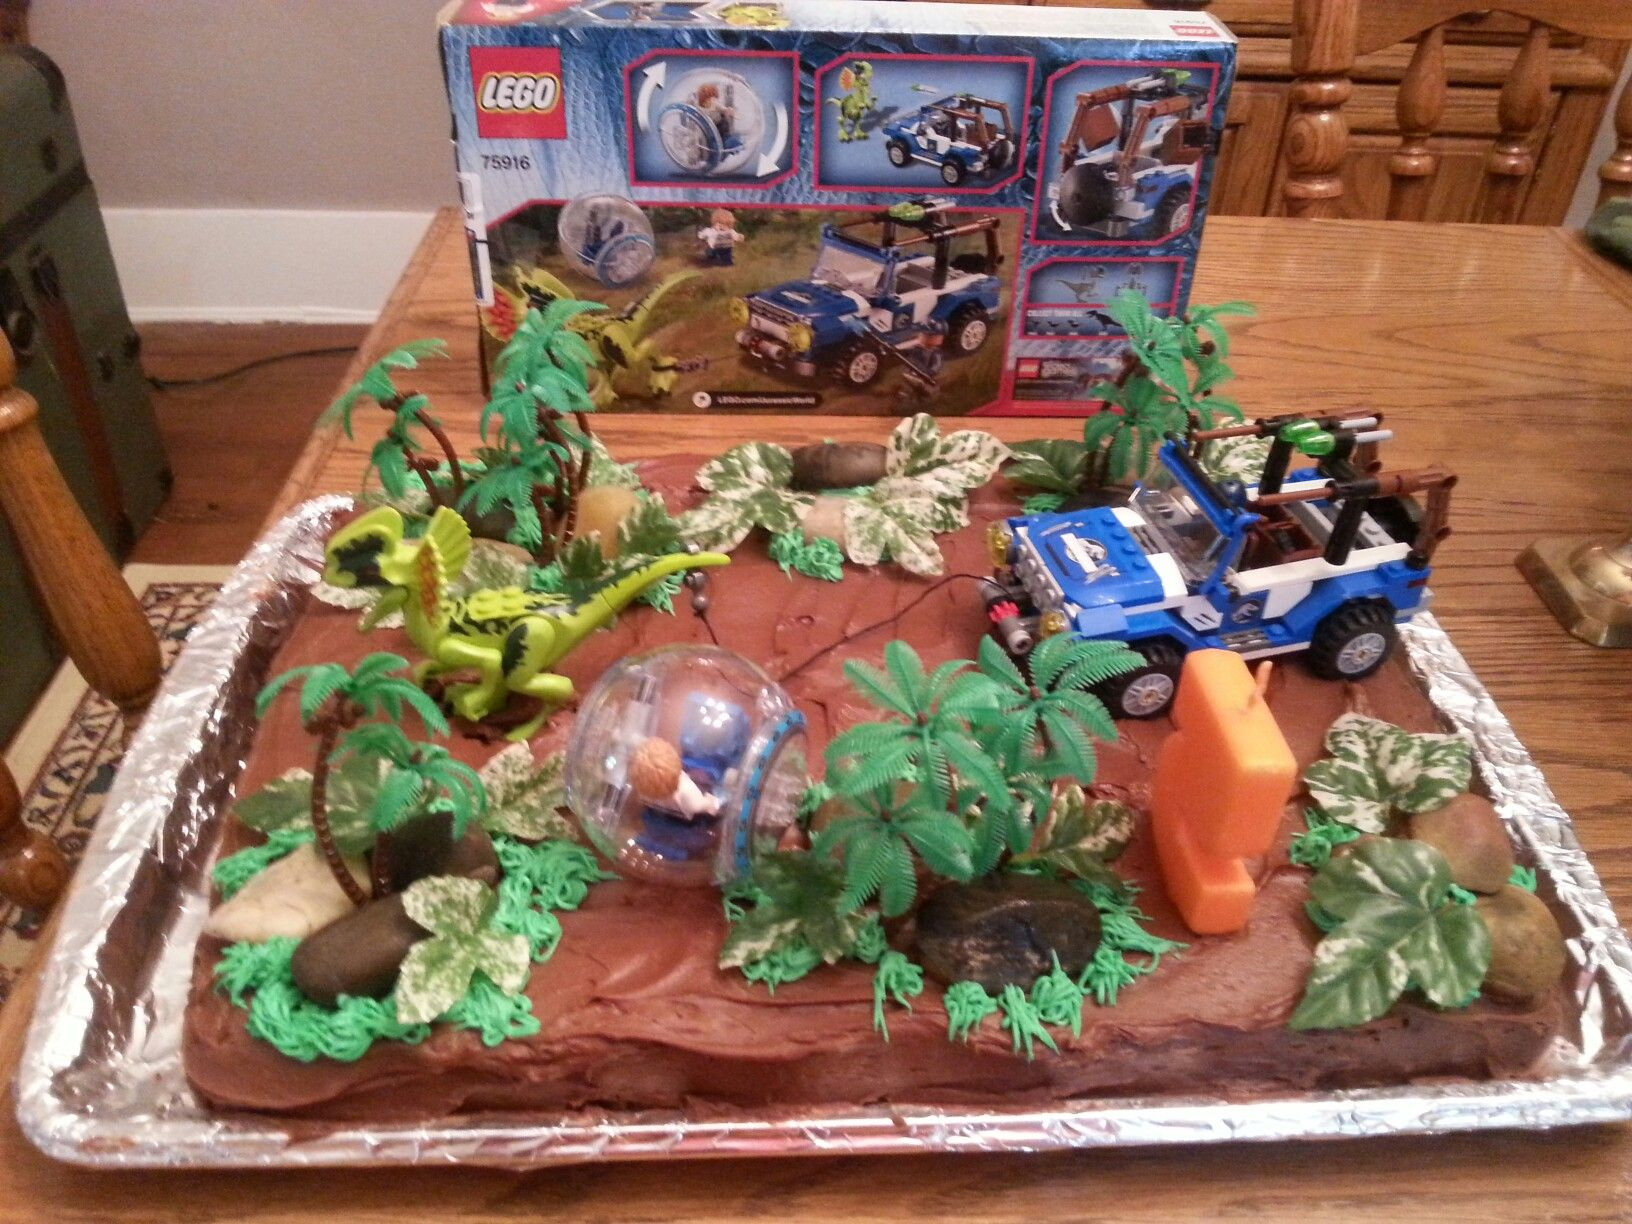 Lego Jurassic World Cake Images : Lego Jurassic World Birthday Cake Freida s Home Projects ...